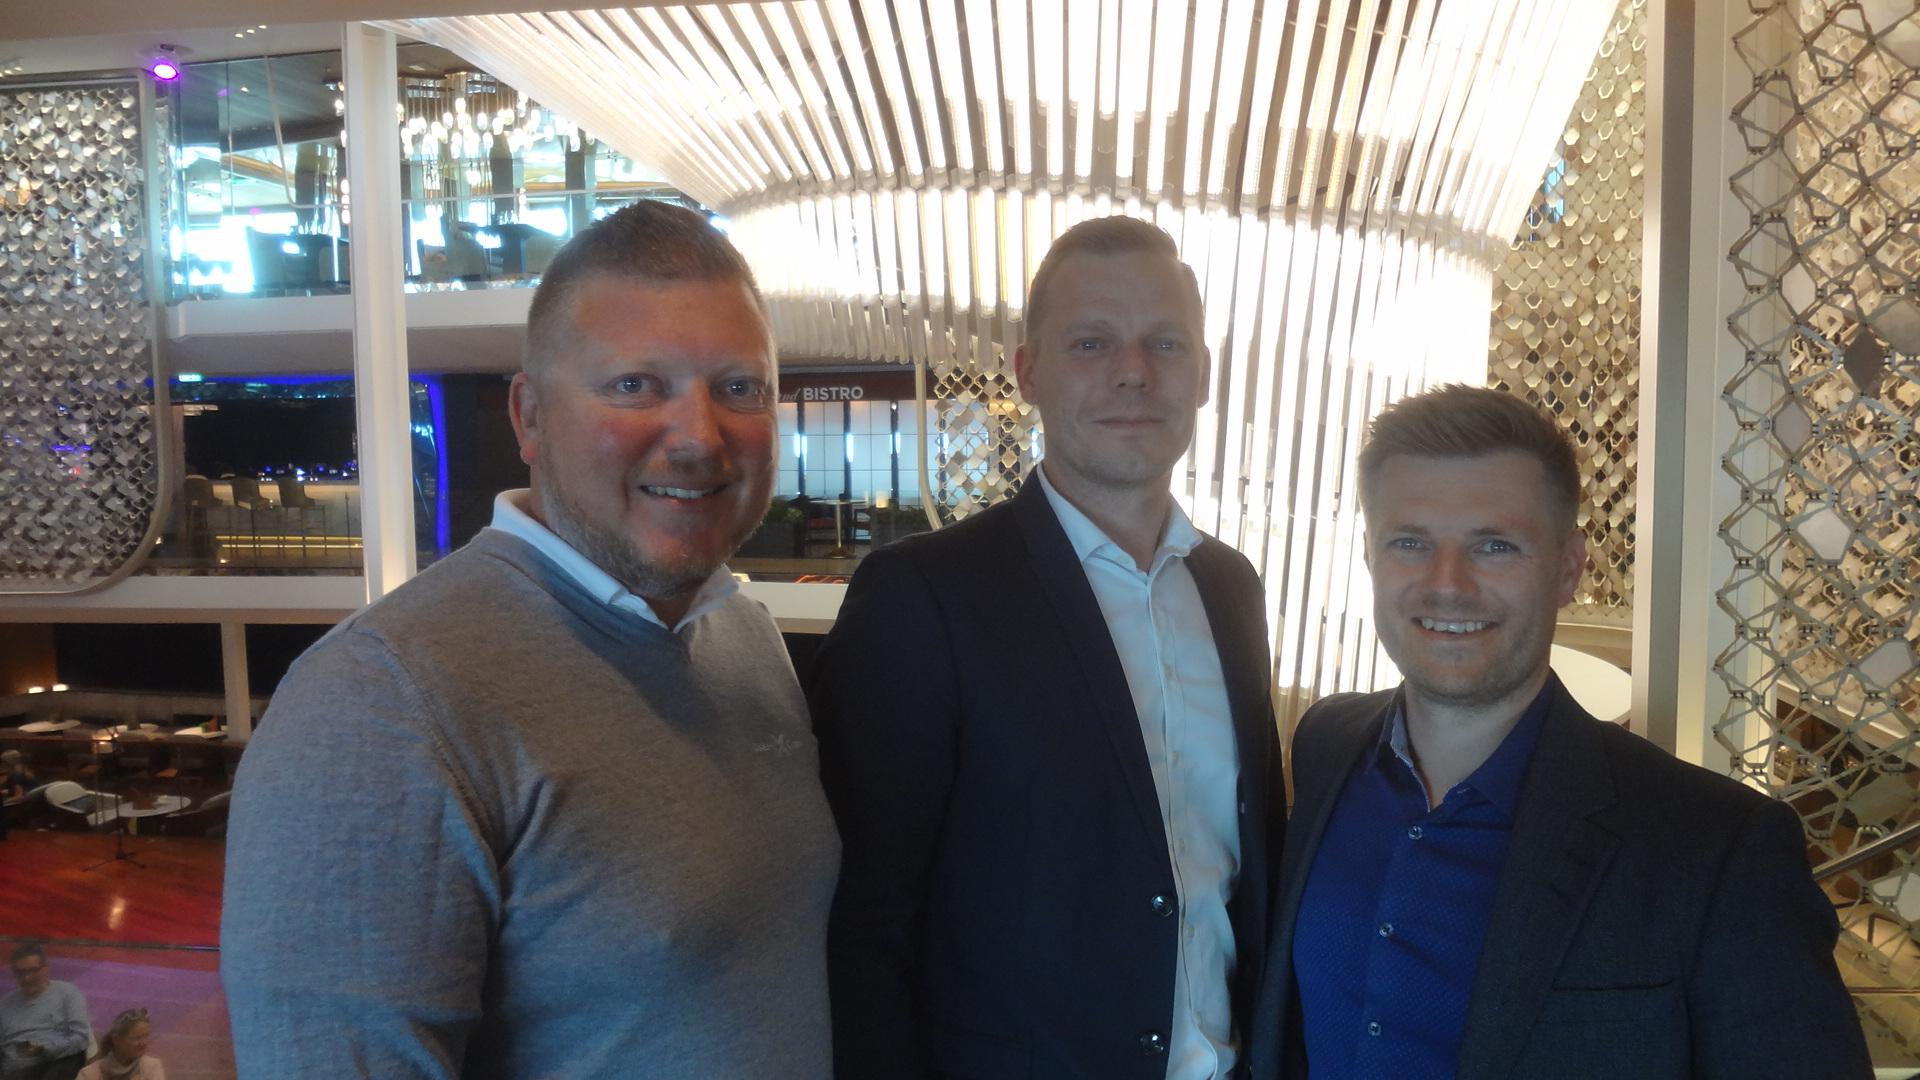 Fra jomfruturen med Celebrity Edge ses salgschef Henrik Bergkvist hos Royal Caribbean Cruises, til venstre, med ejerne af MyCruise.dk, salgsdirektør Nicki Olsen og administrerende direktør, Claus Jensen. Privatfoto.